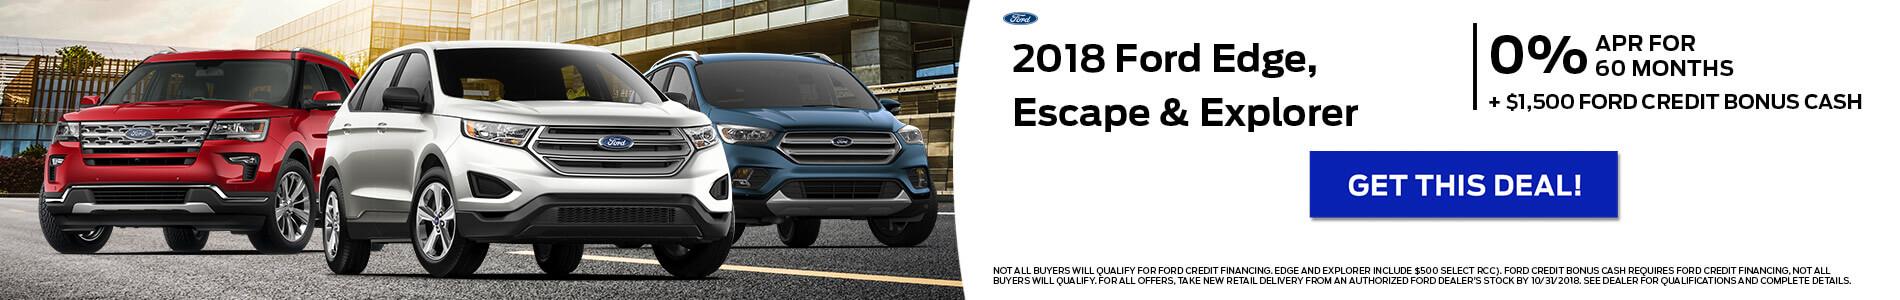 2018 Ford Escape Edge Explorer